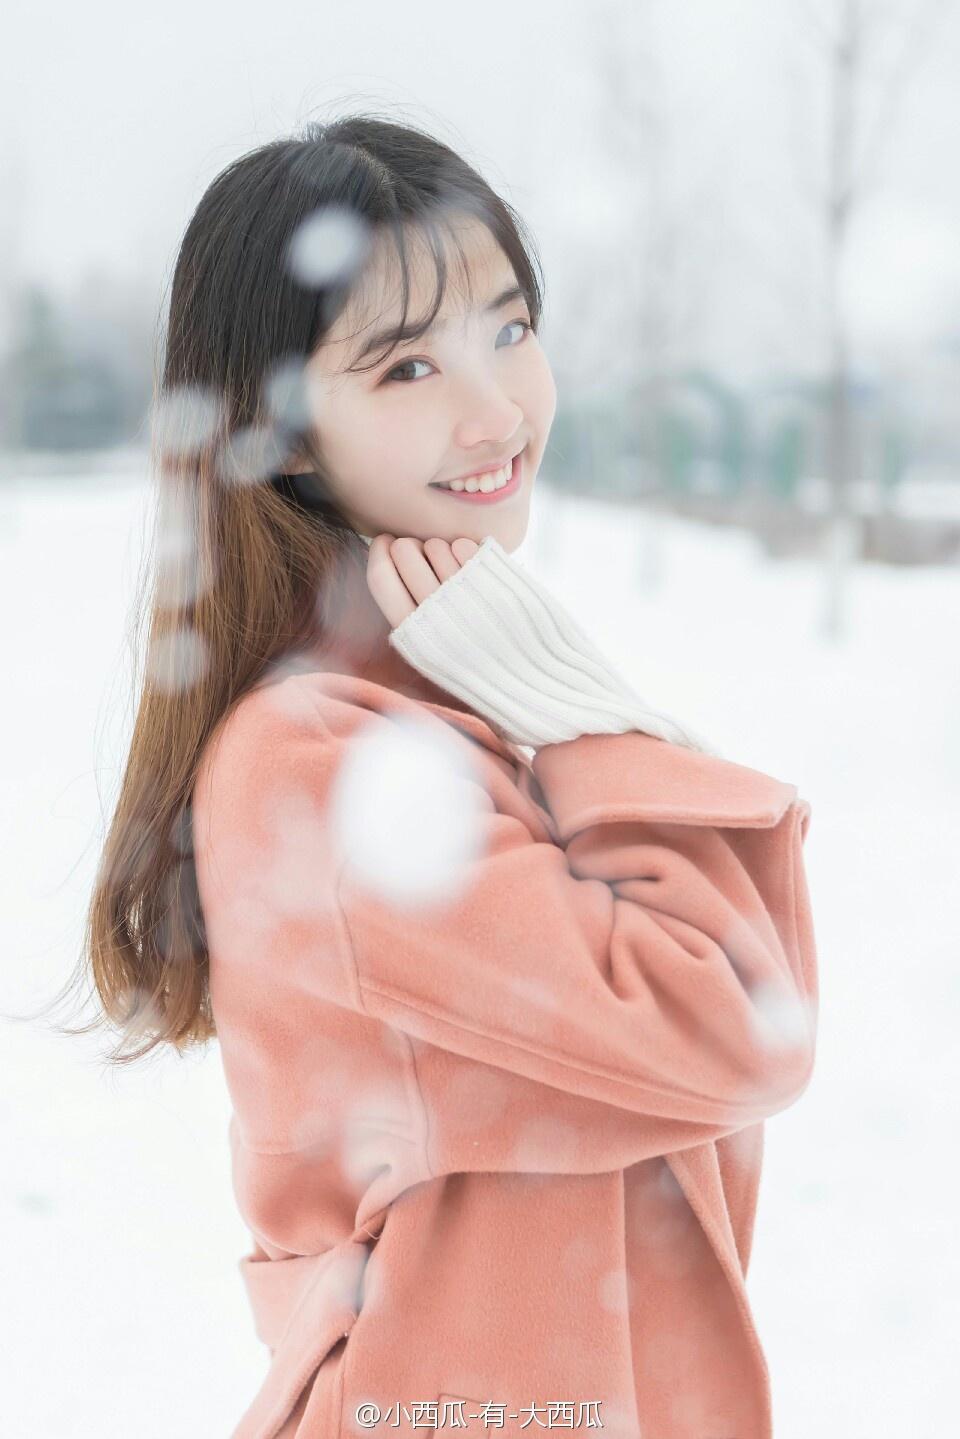 素颜漂亮美女雪地写真